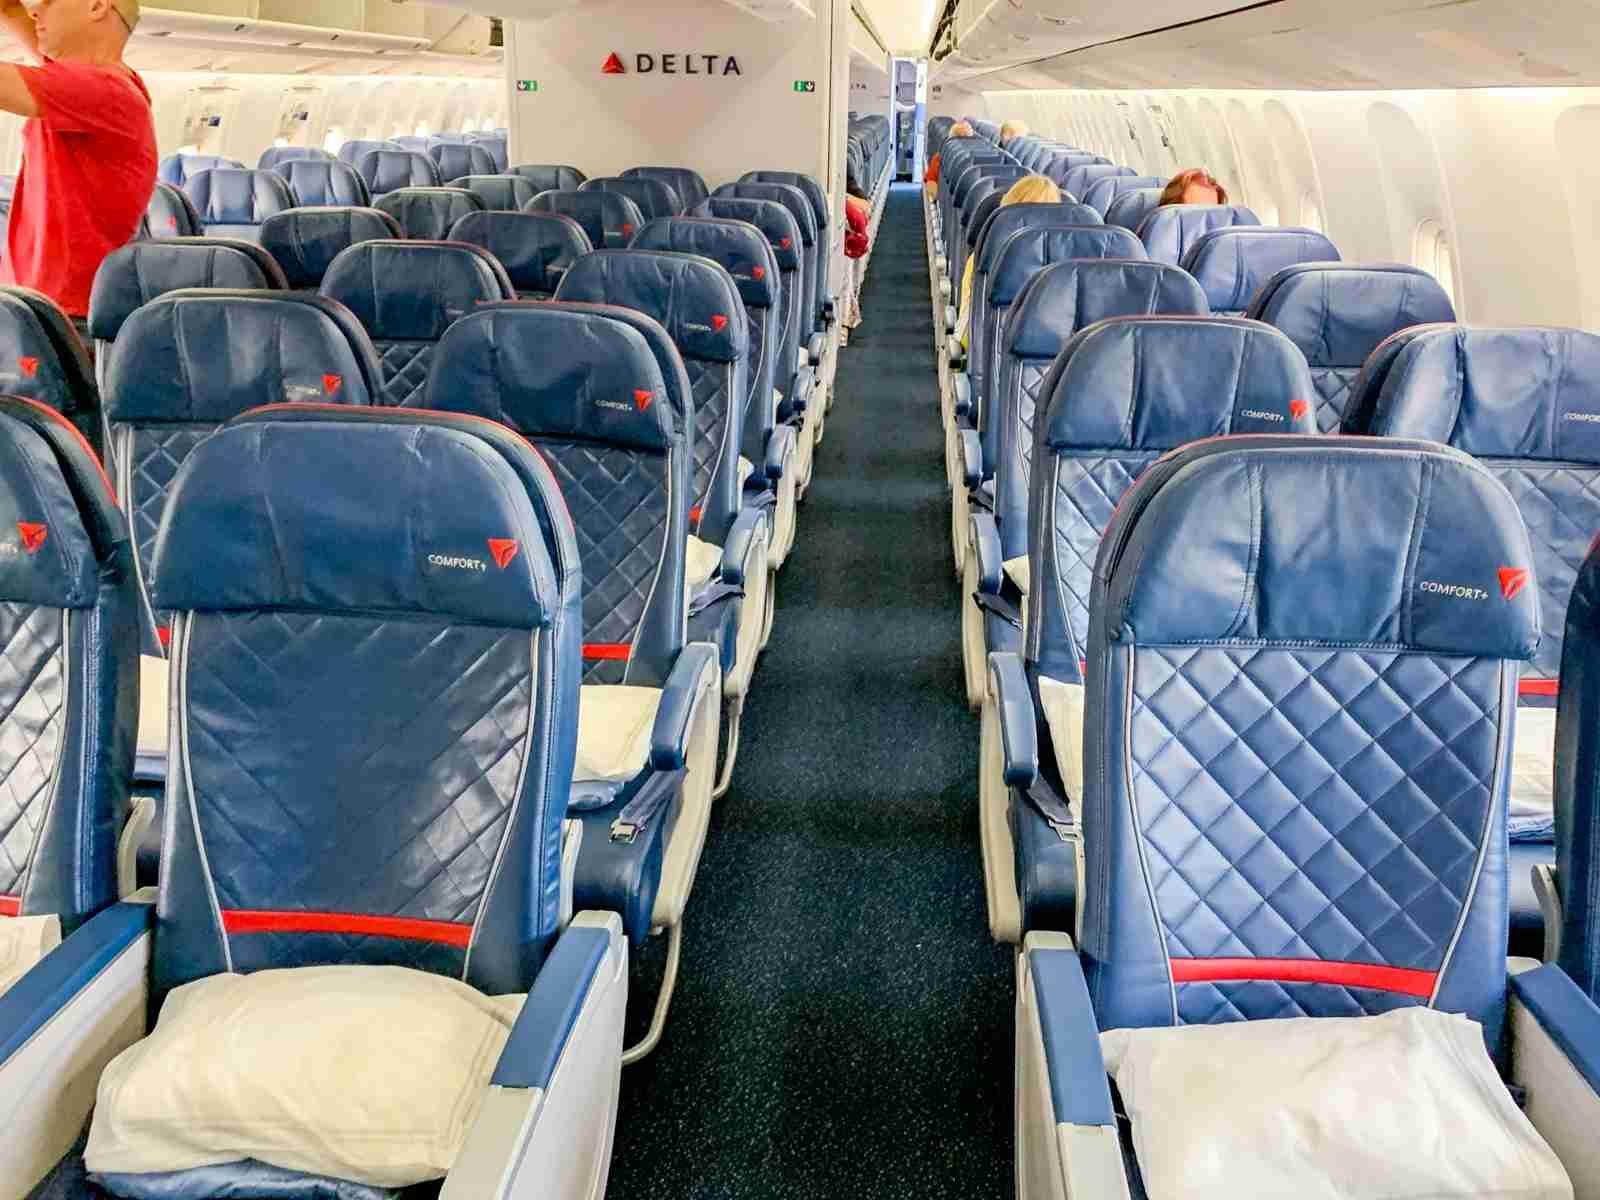 Delta Comfort Cabin on the Delta 767-300ER.